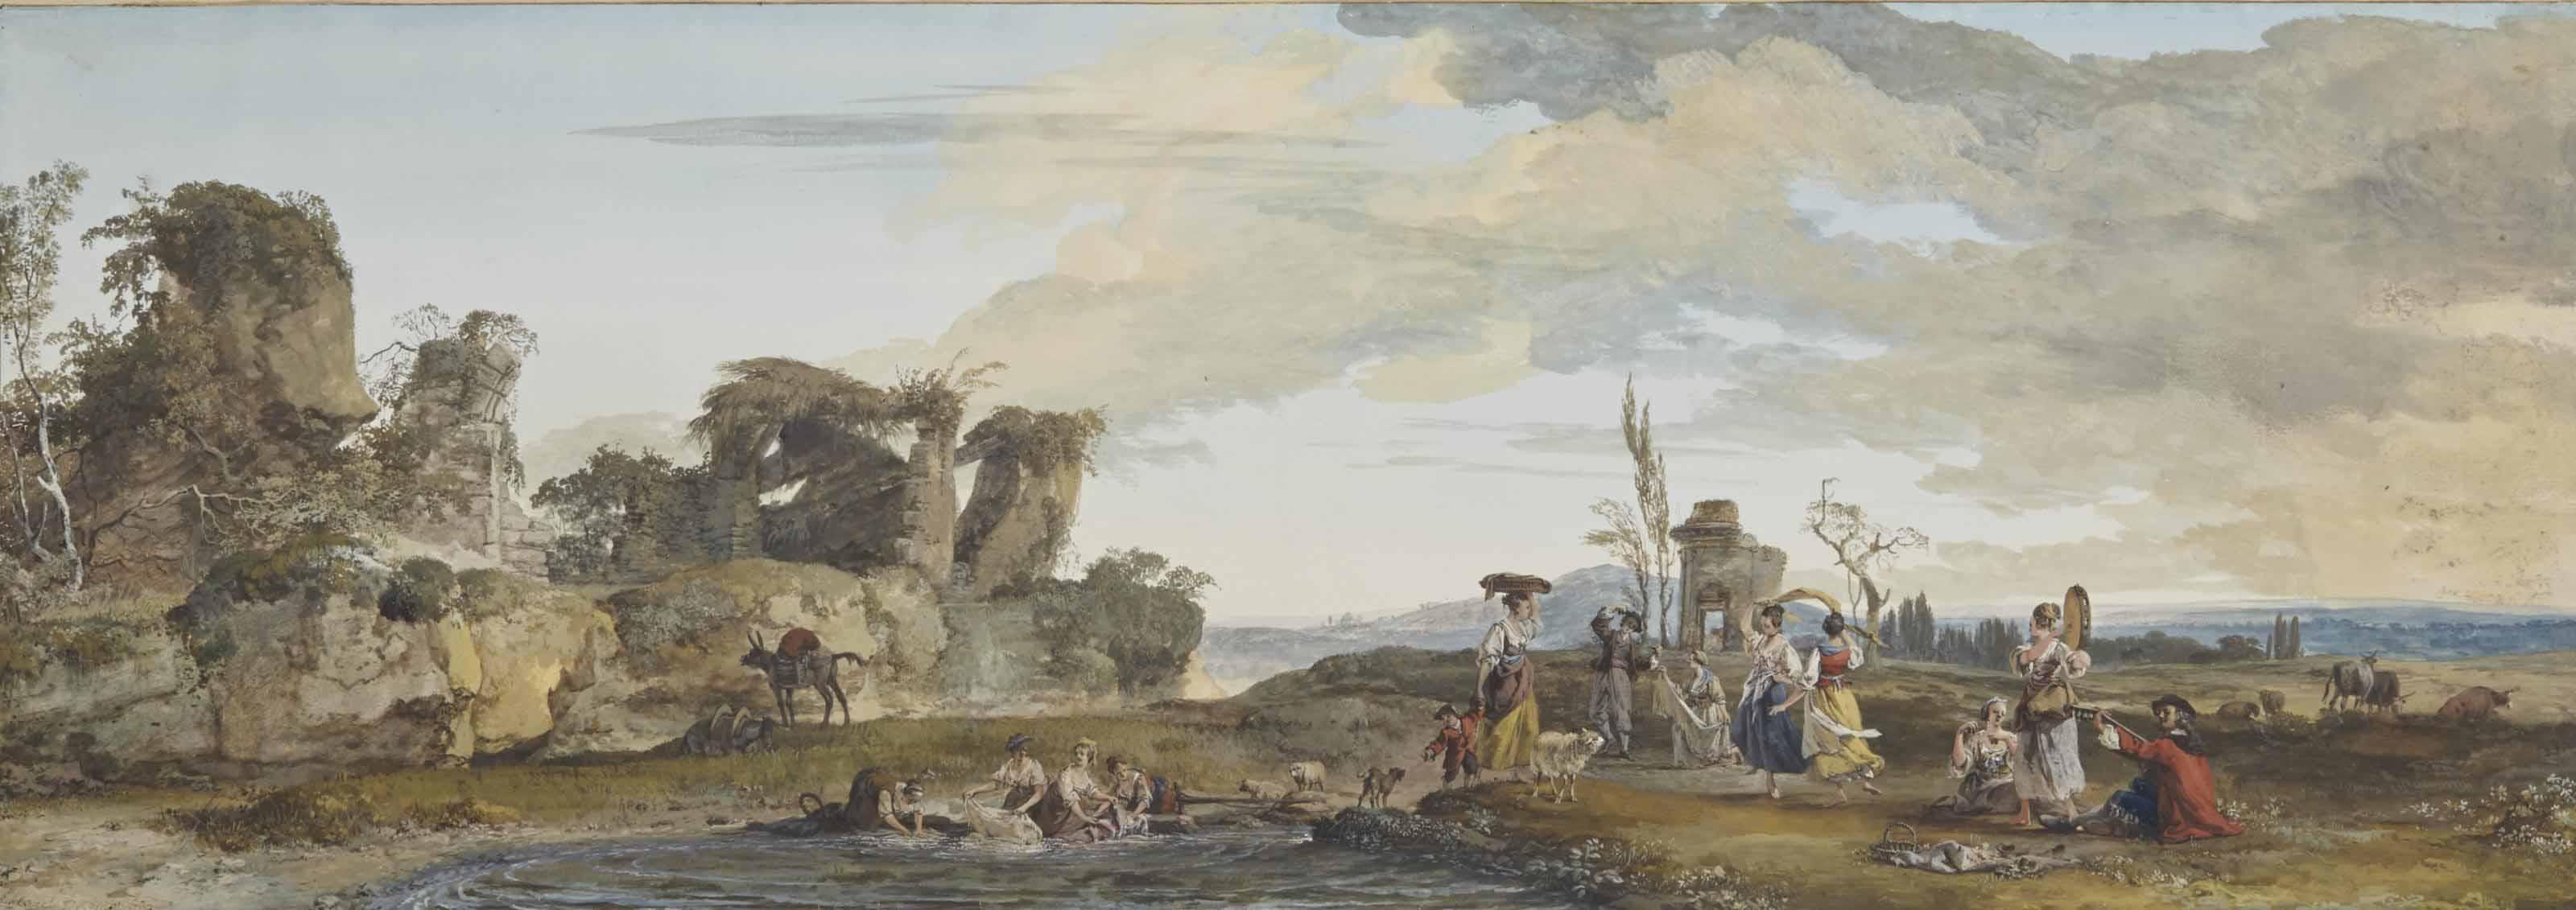 Jeunes femmes dansant et lavandières dans un paysage en ruines